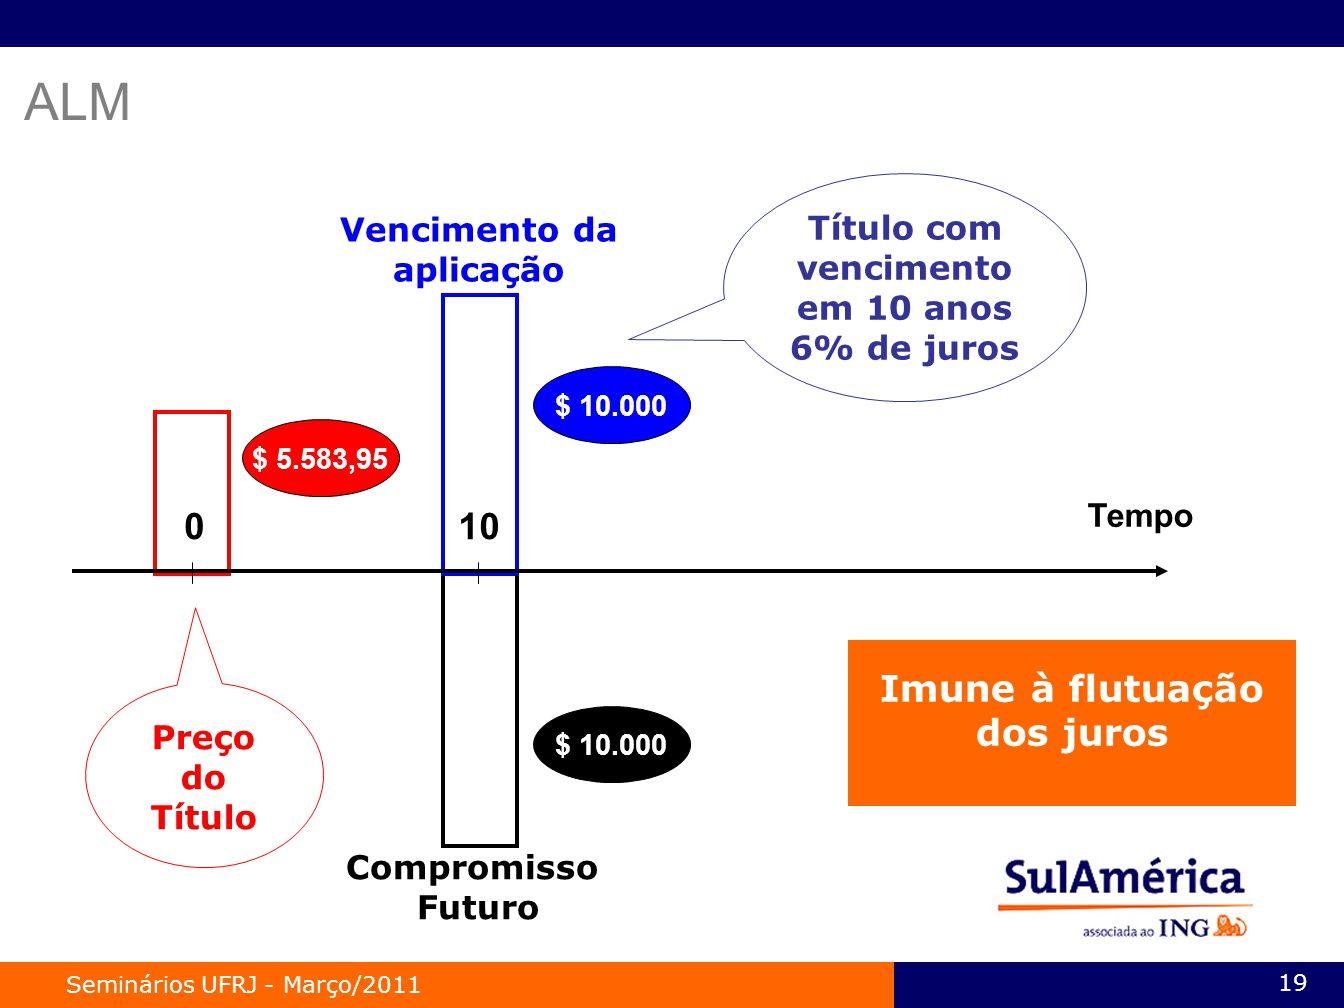 Seminários UFRJ - Março/2011 19 Compromisso Futuro $ 10.000 Vencimento da aplicação Título com vencimento em 10 anos 6% de juros $ 10.000 $ 5.583,95 010 Tempo Preço do Título Imune à flutuação dos juros ALM